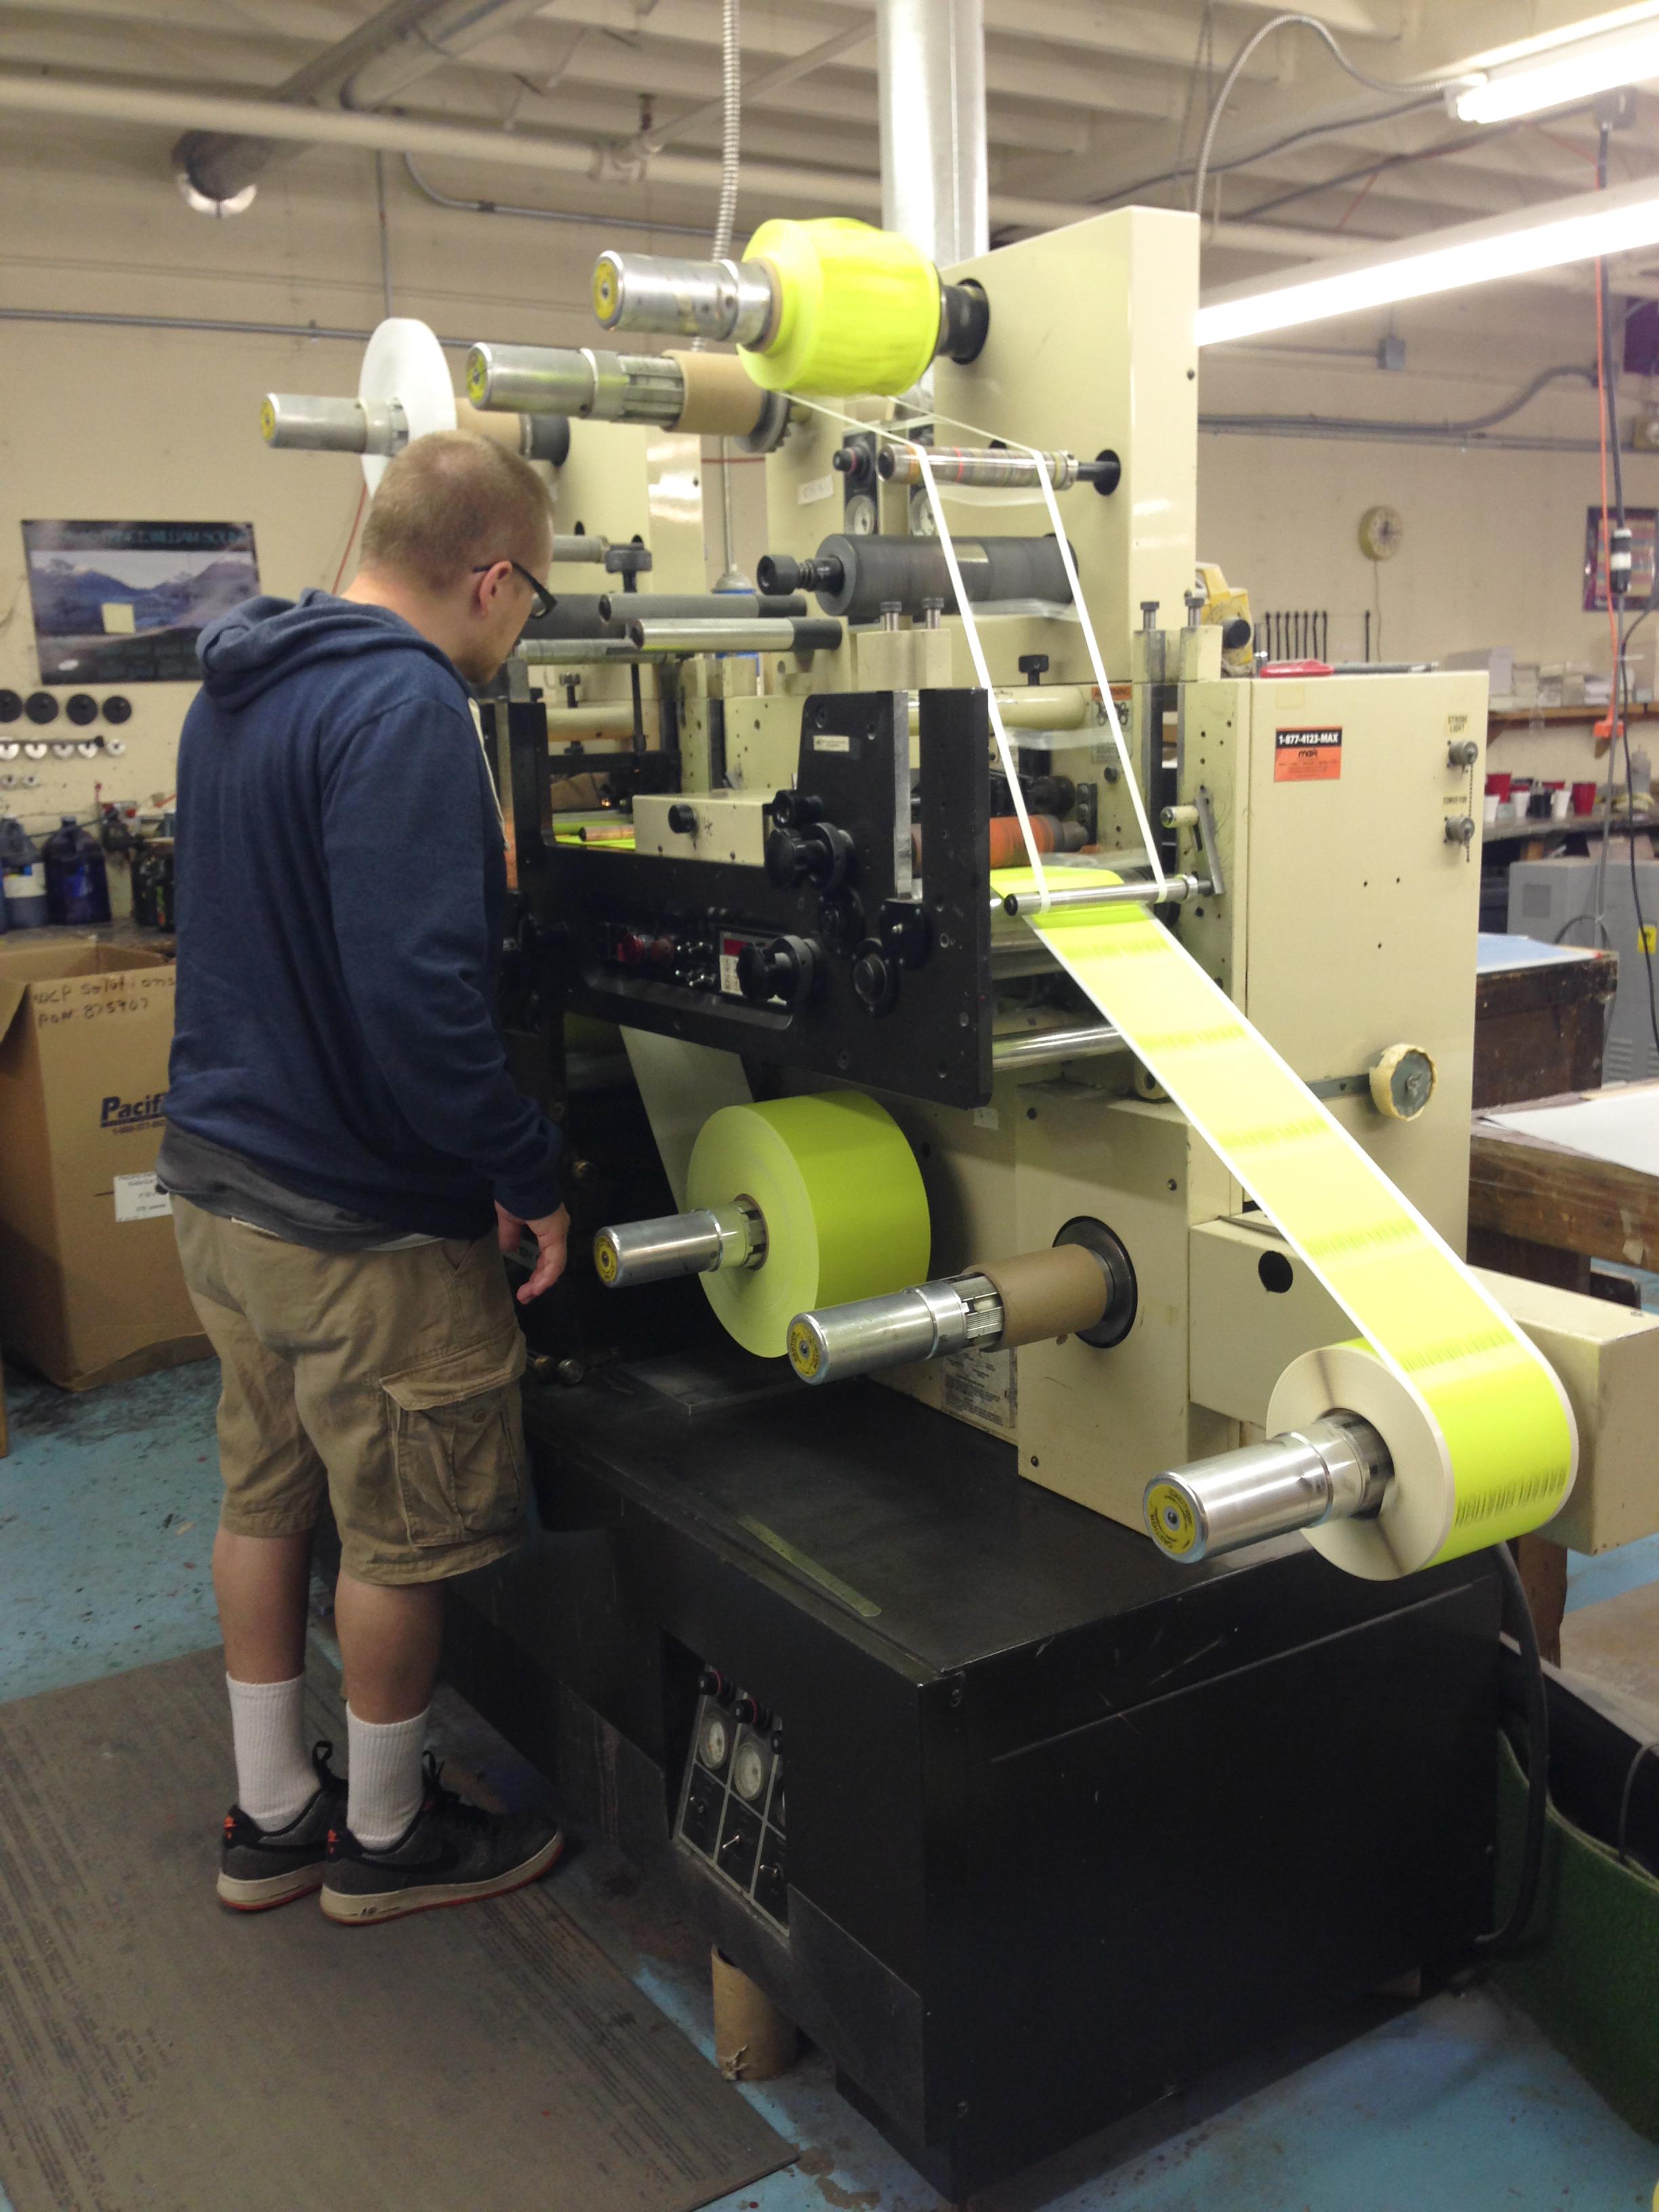 Alaska Printing, Inc. image 2